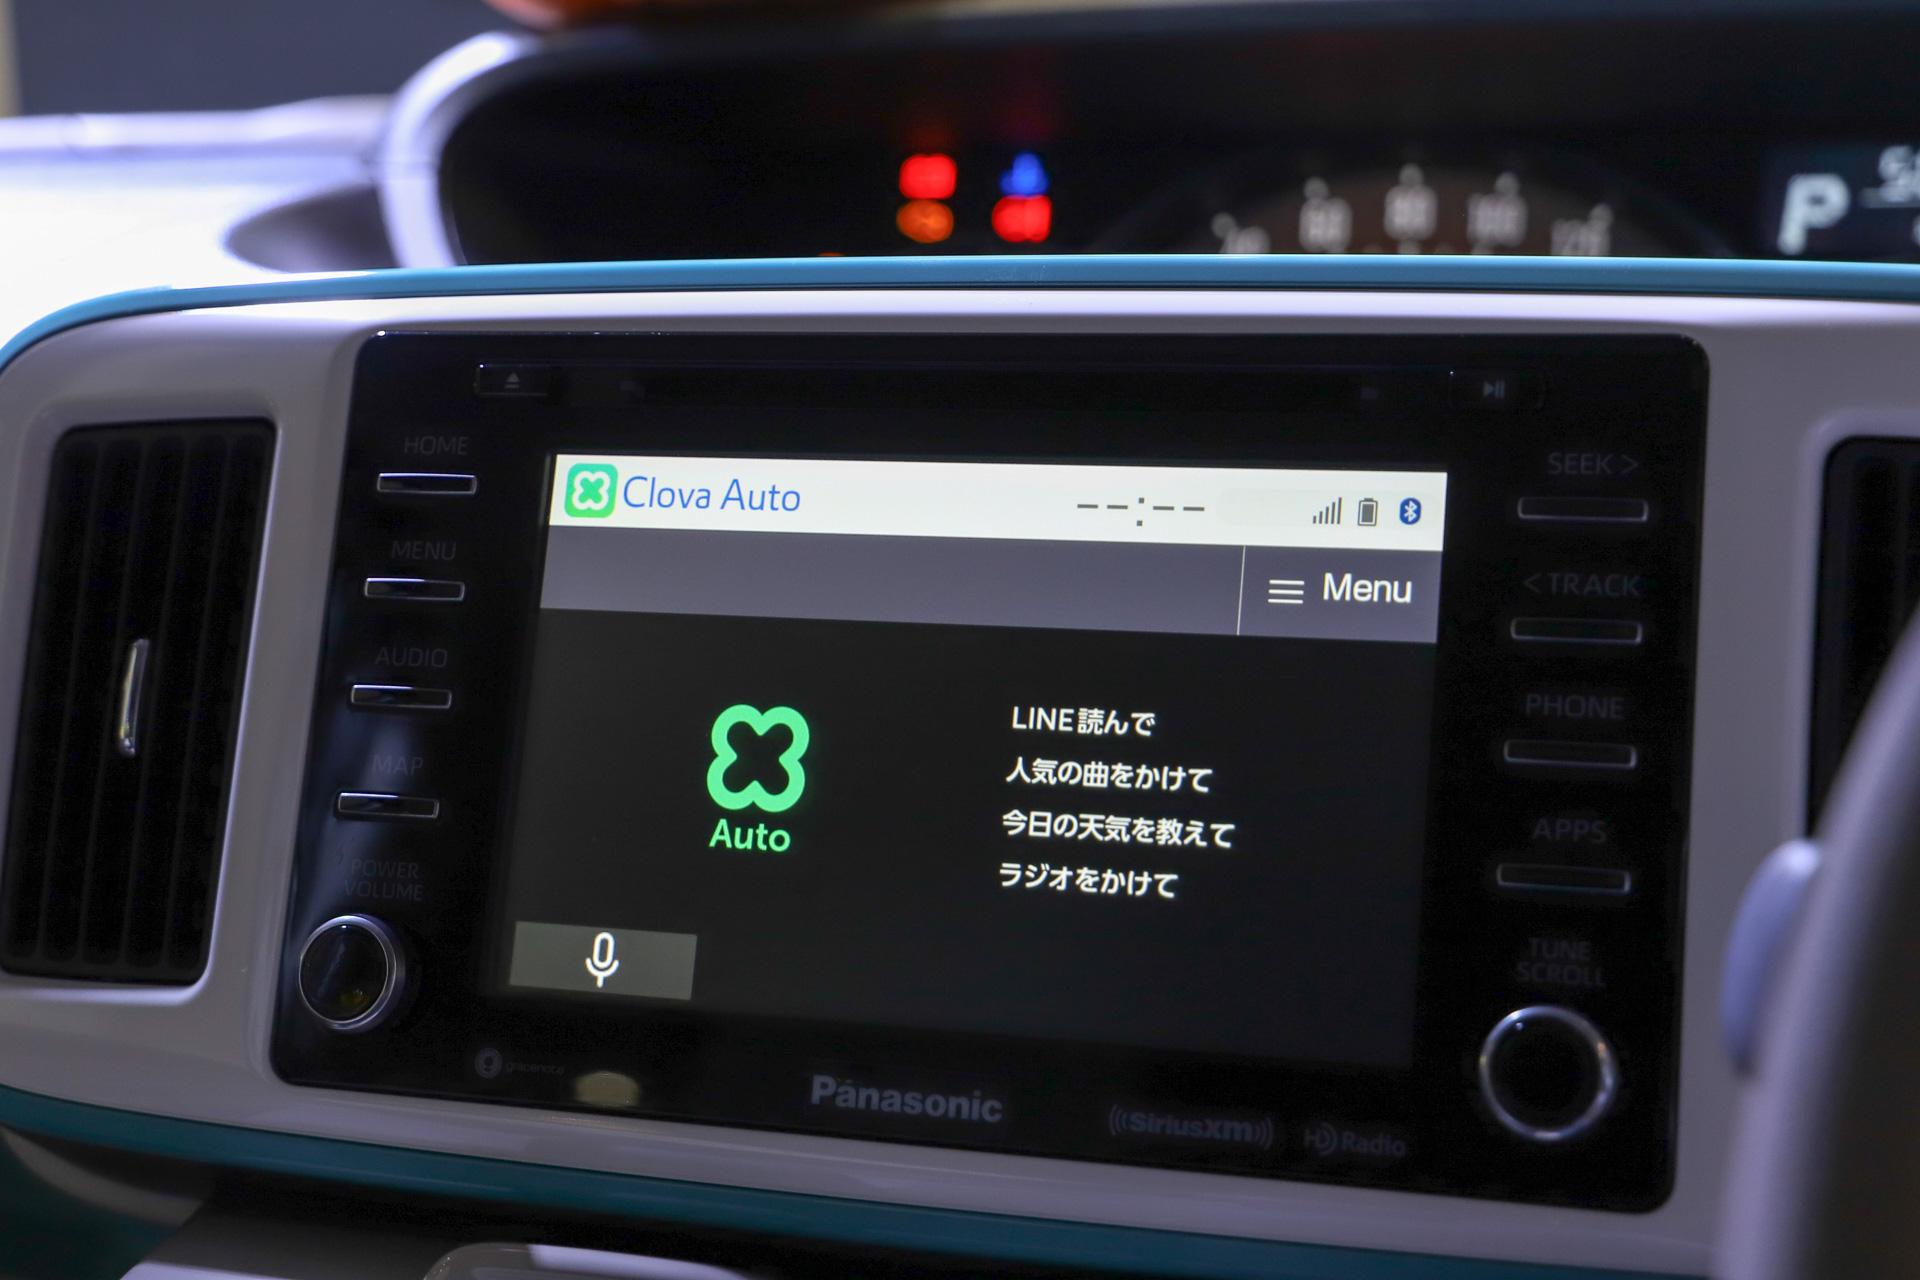 【CEATEC JAPAN 2018】トヨタブースで「Clova Auto」に話しかけてみた